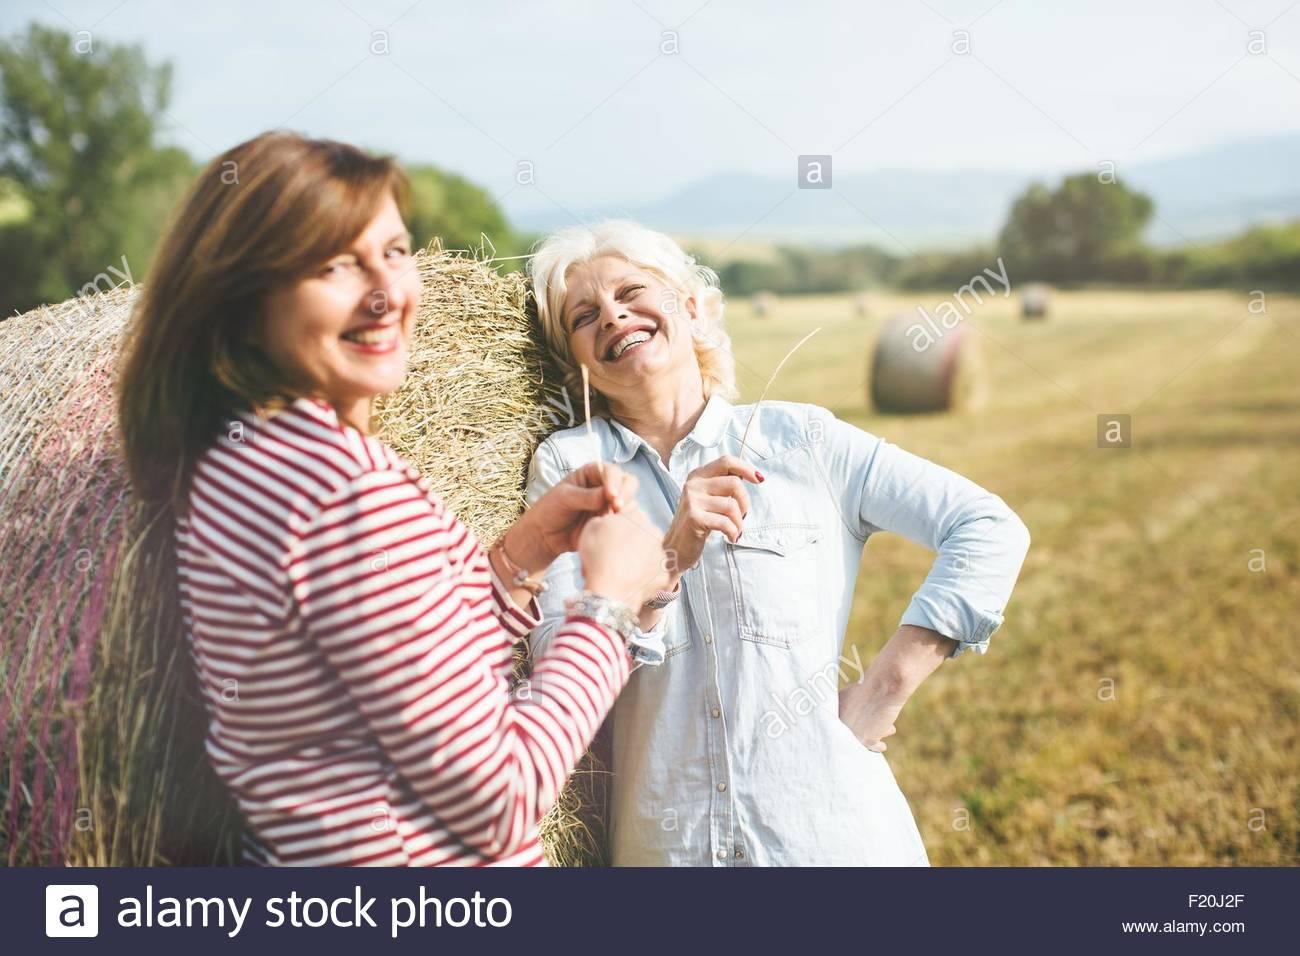 Due femmina matura amici con erba di paglia, Toscana, Italia Immagini Stock